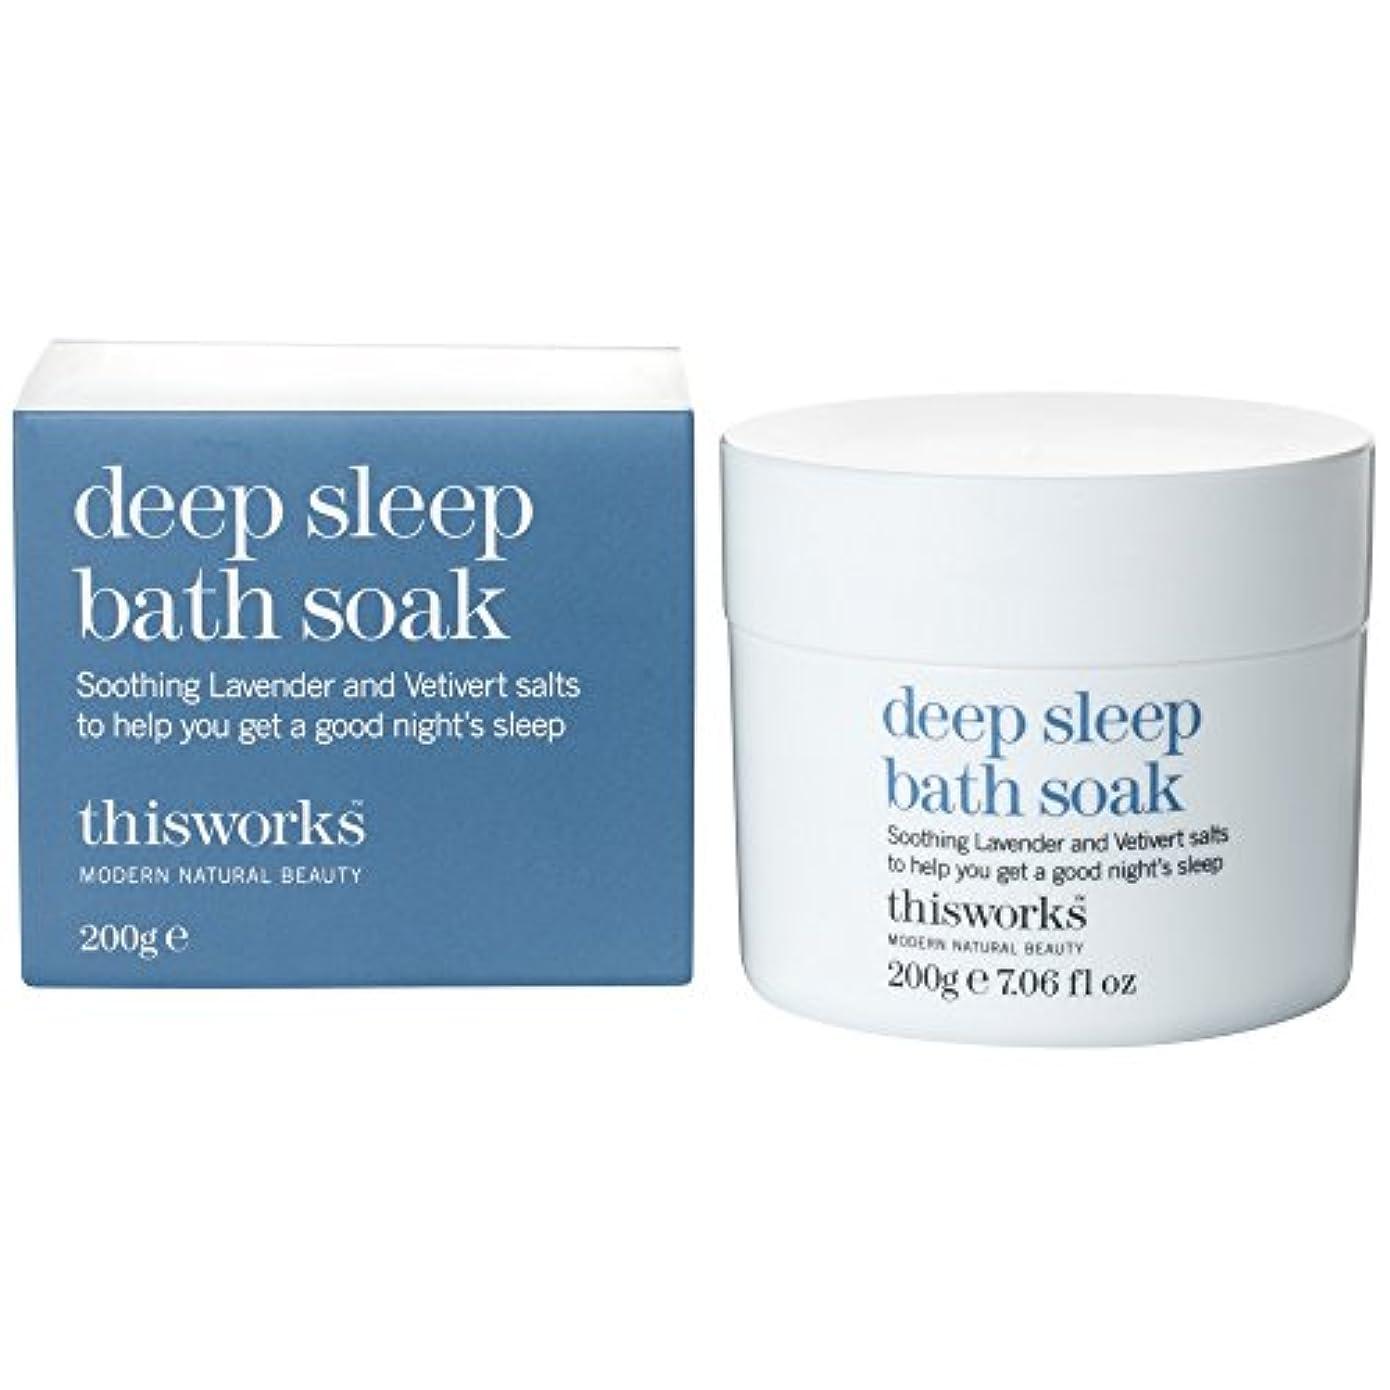 結果として化学薬品去るこれは、深い眠り浴が200グラムを浸す働きます (This Works) - This Works Deep Sleep Bath Soak 200g [並行輸入品]